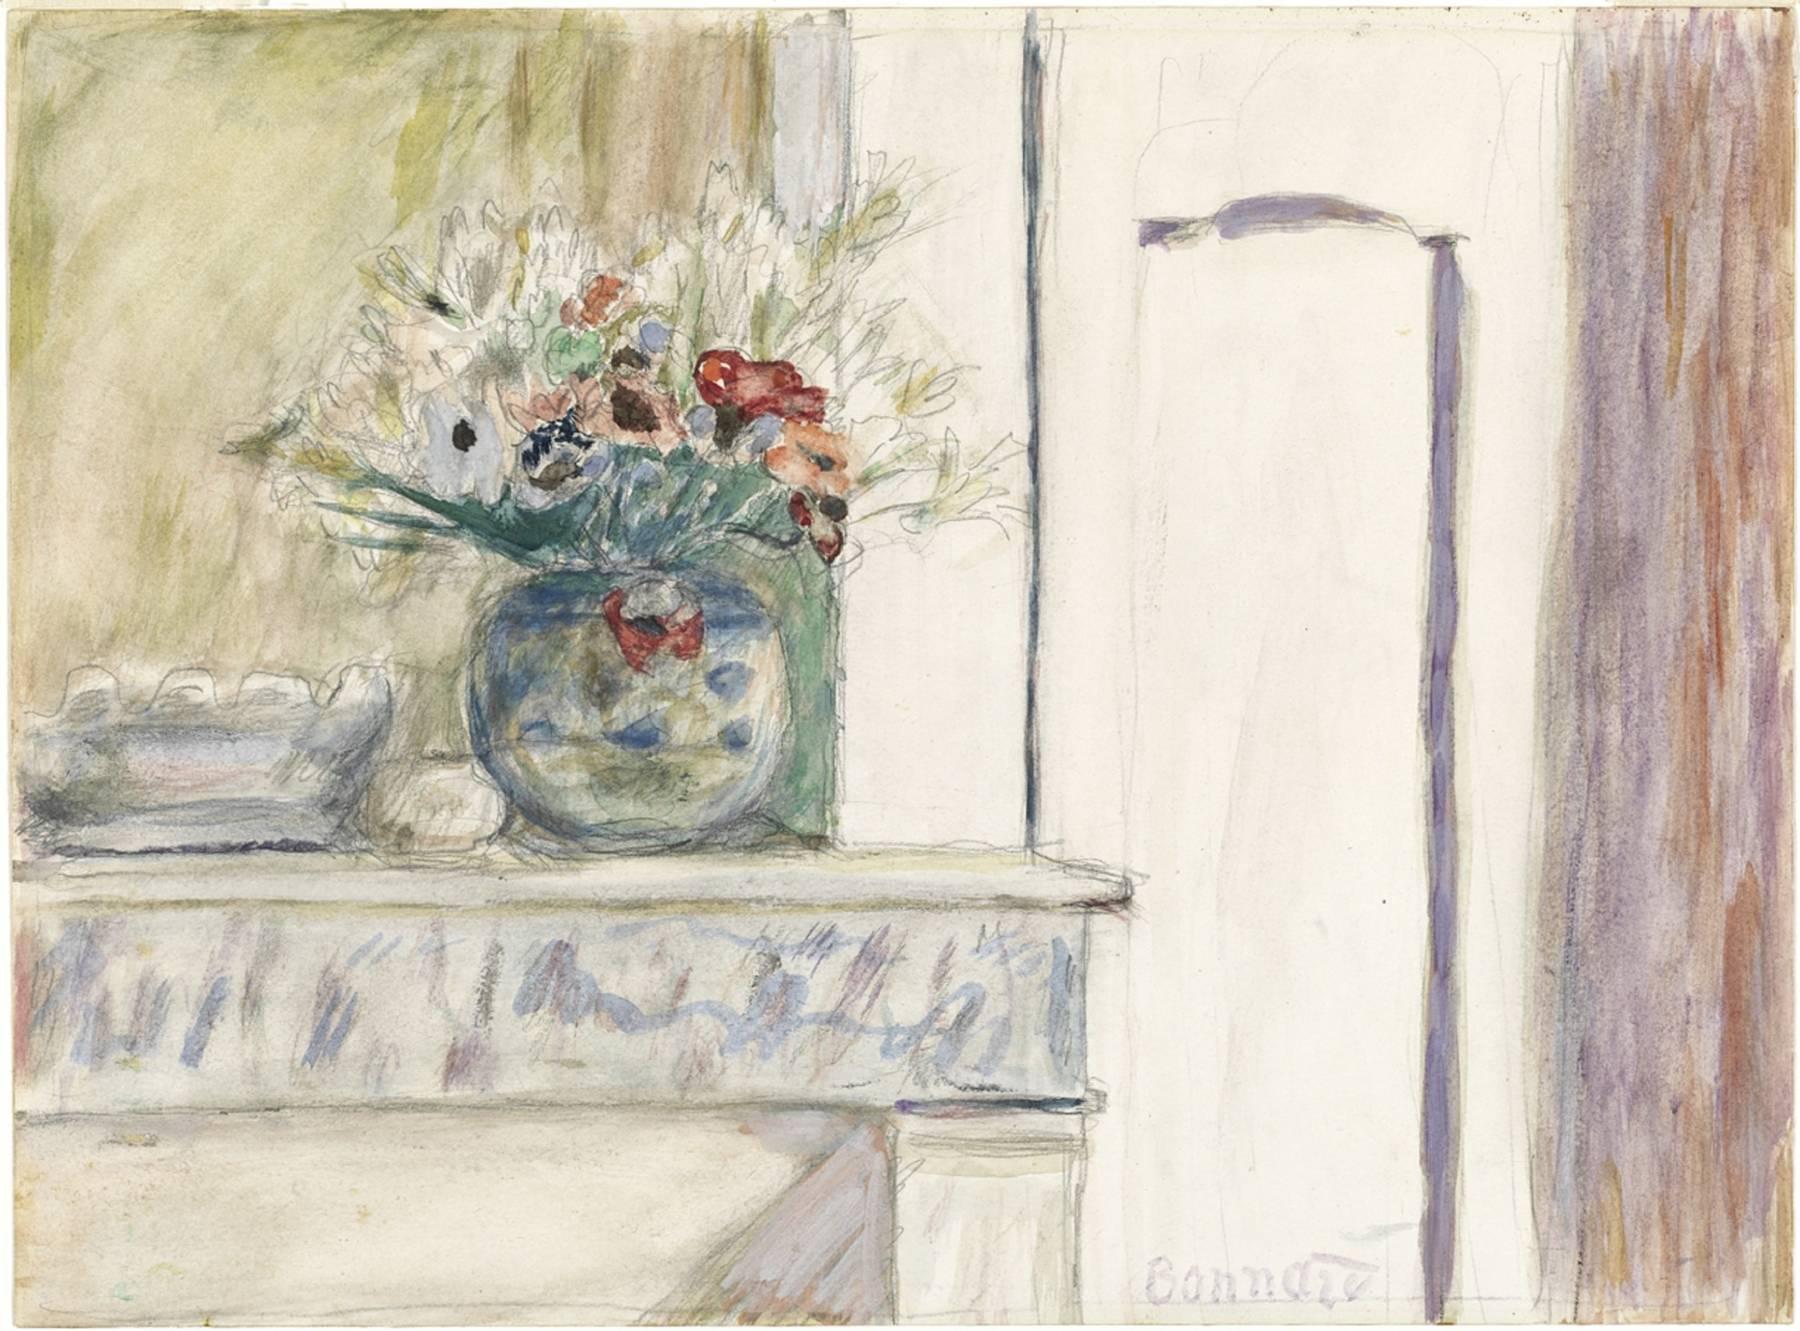 Pierre Bonnard, Vase de fleurs sur un coin de cheminée